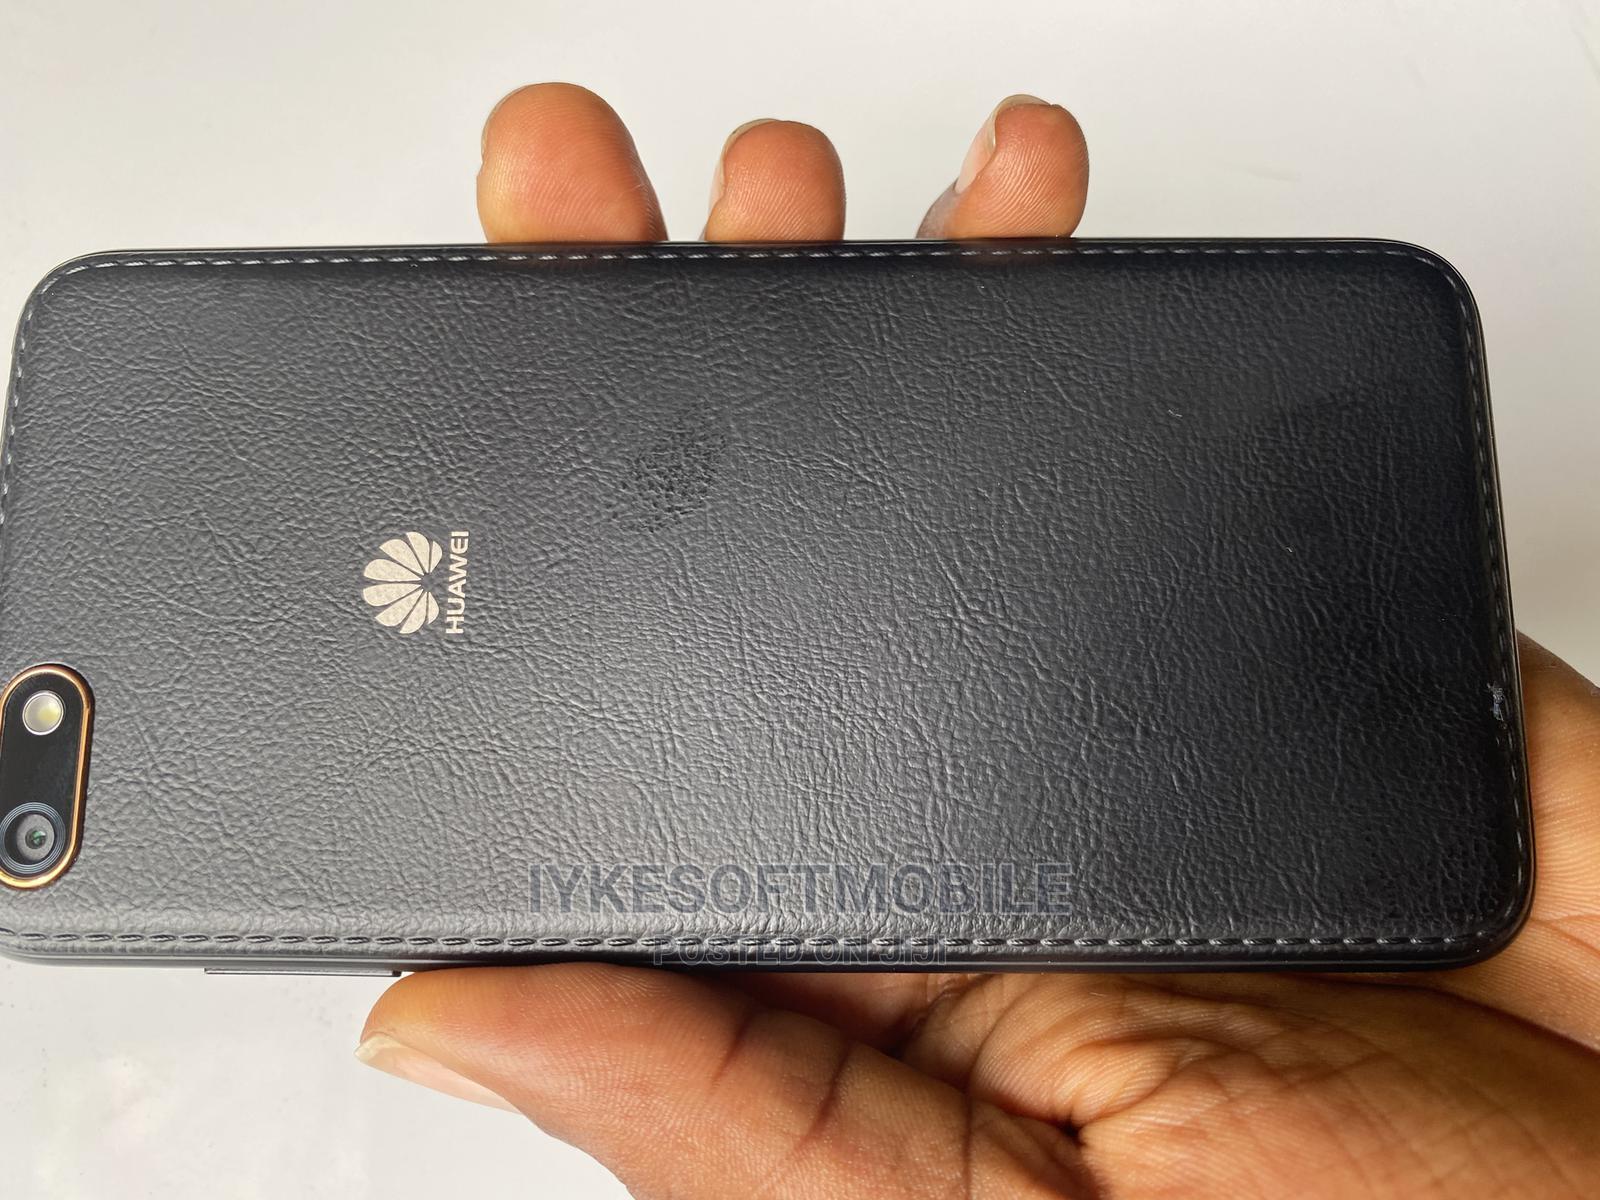 Huawei Y5 16 GB Black   Mobile Phones for sale in Ikeja, Lagos State, Nigeria